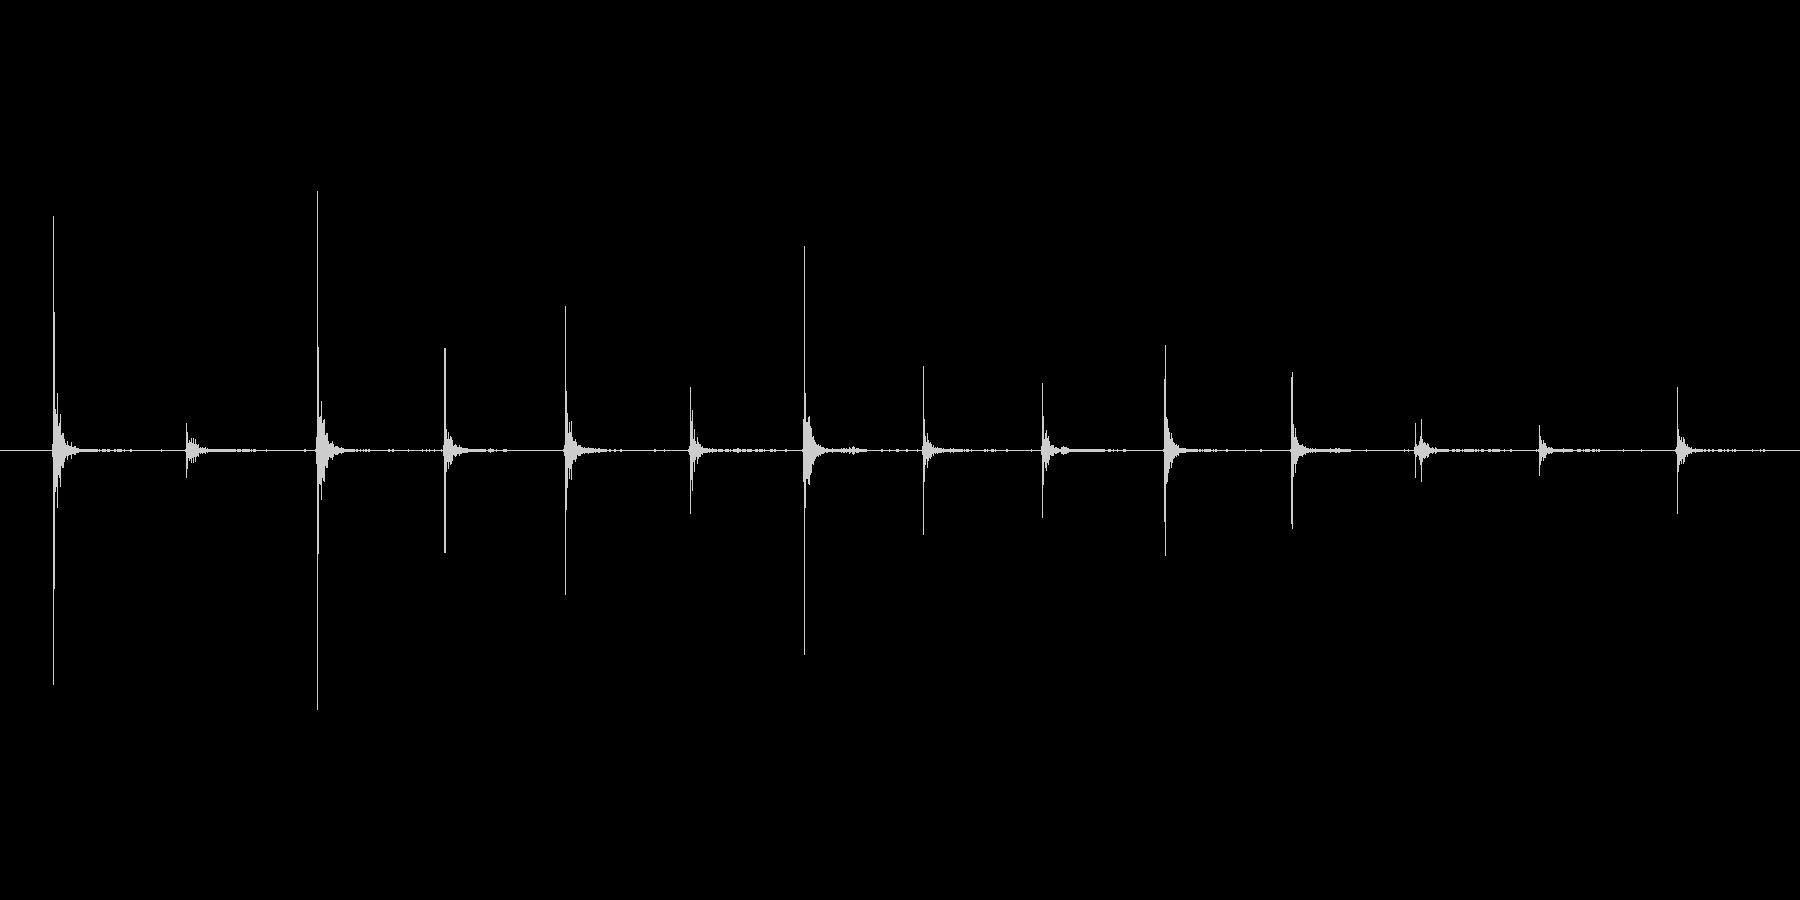 フラットシューズ 歩く足音の未再生の波形